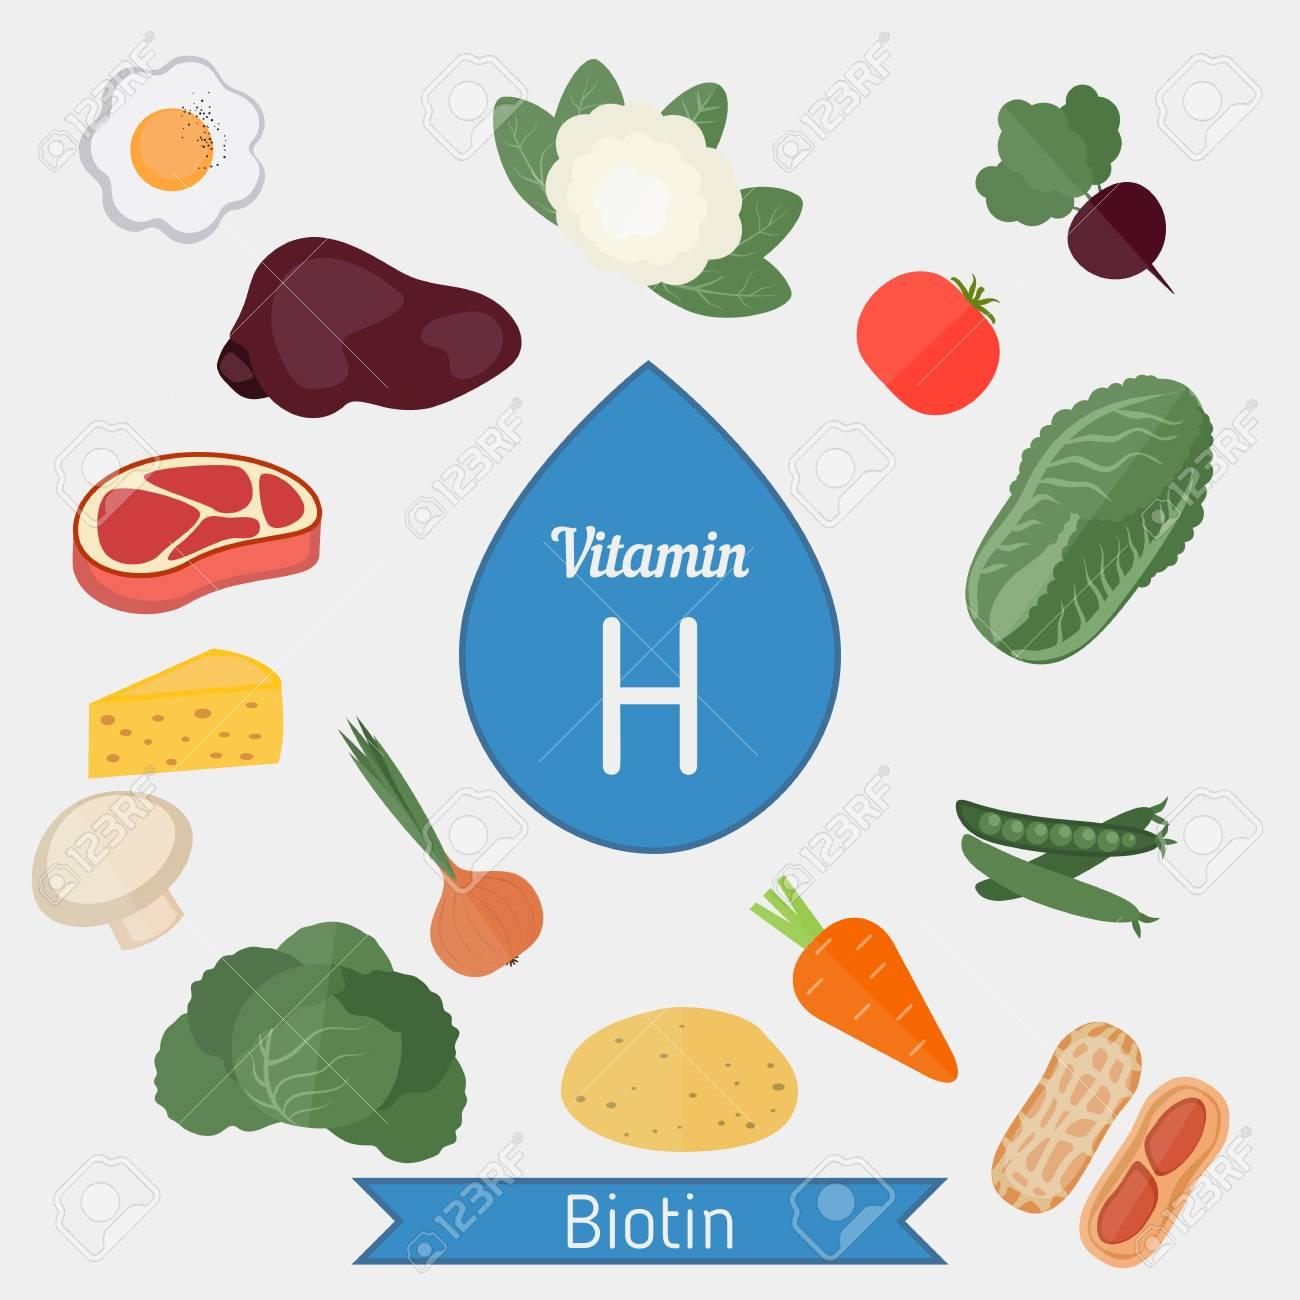 Vitamin H oder Biotin und Vektor-Set von Vitamin H reiche Lebensmittel.  Gesunde Lebensstil und Diät-Konzept.